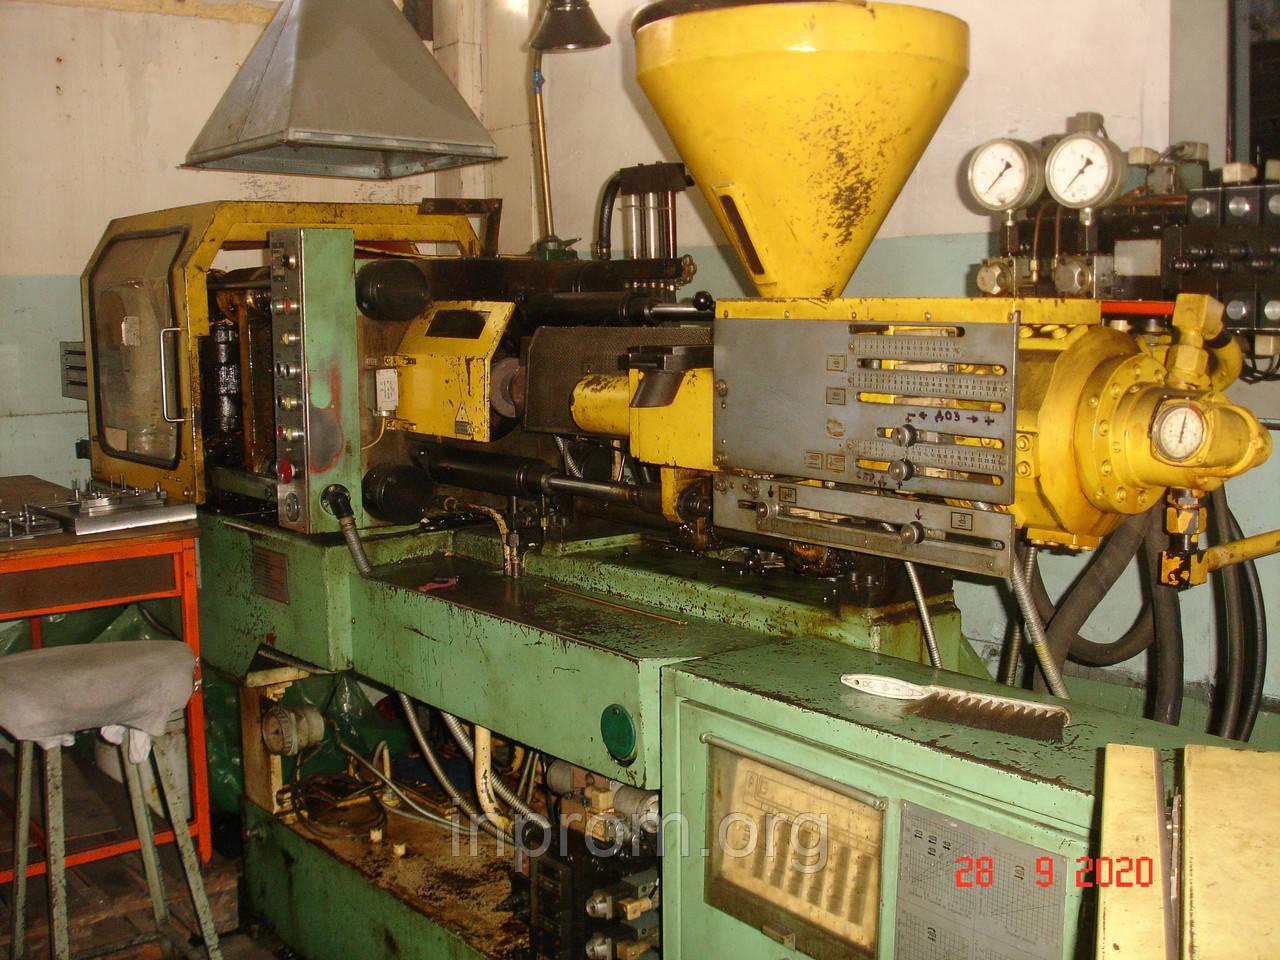 Термопластавтомат ДЕ 3330Ф1 зусиллям 100т, в робочому стані